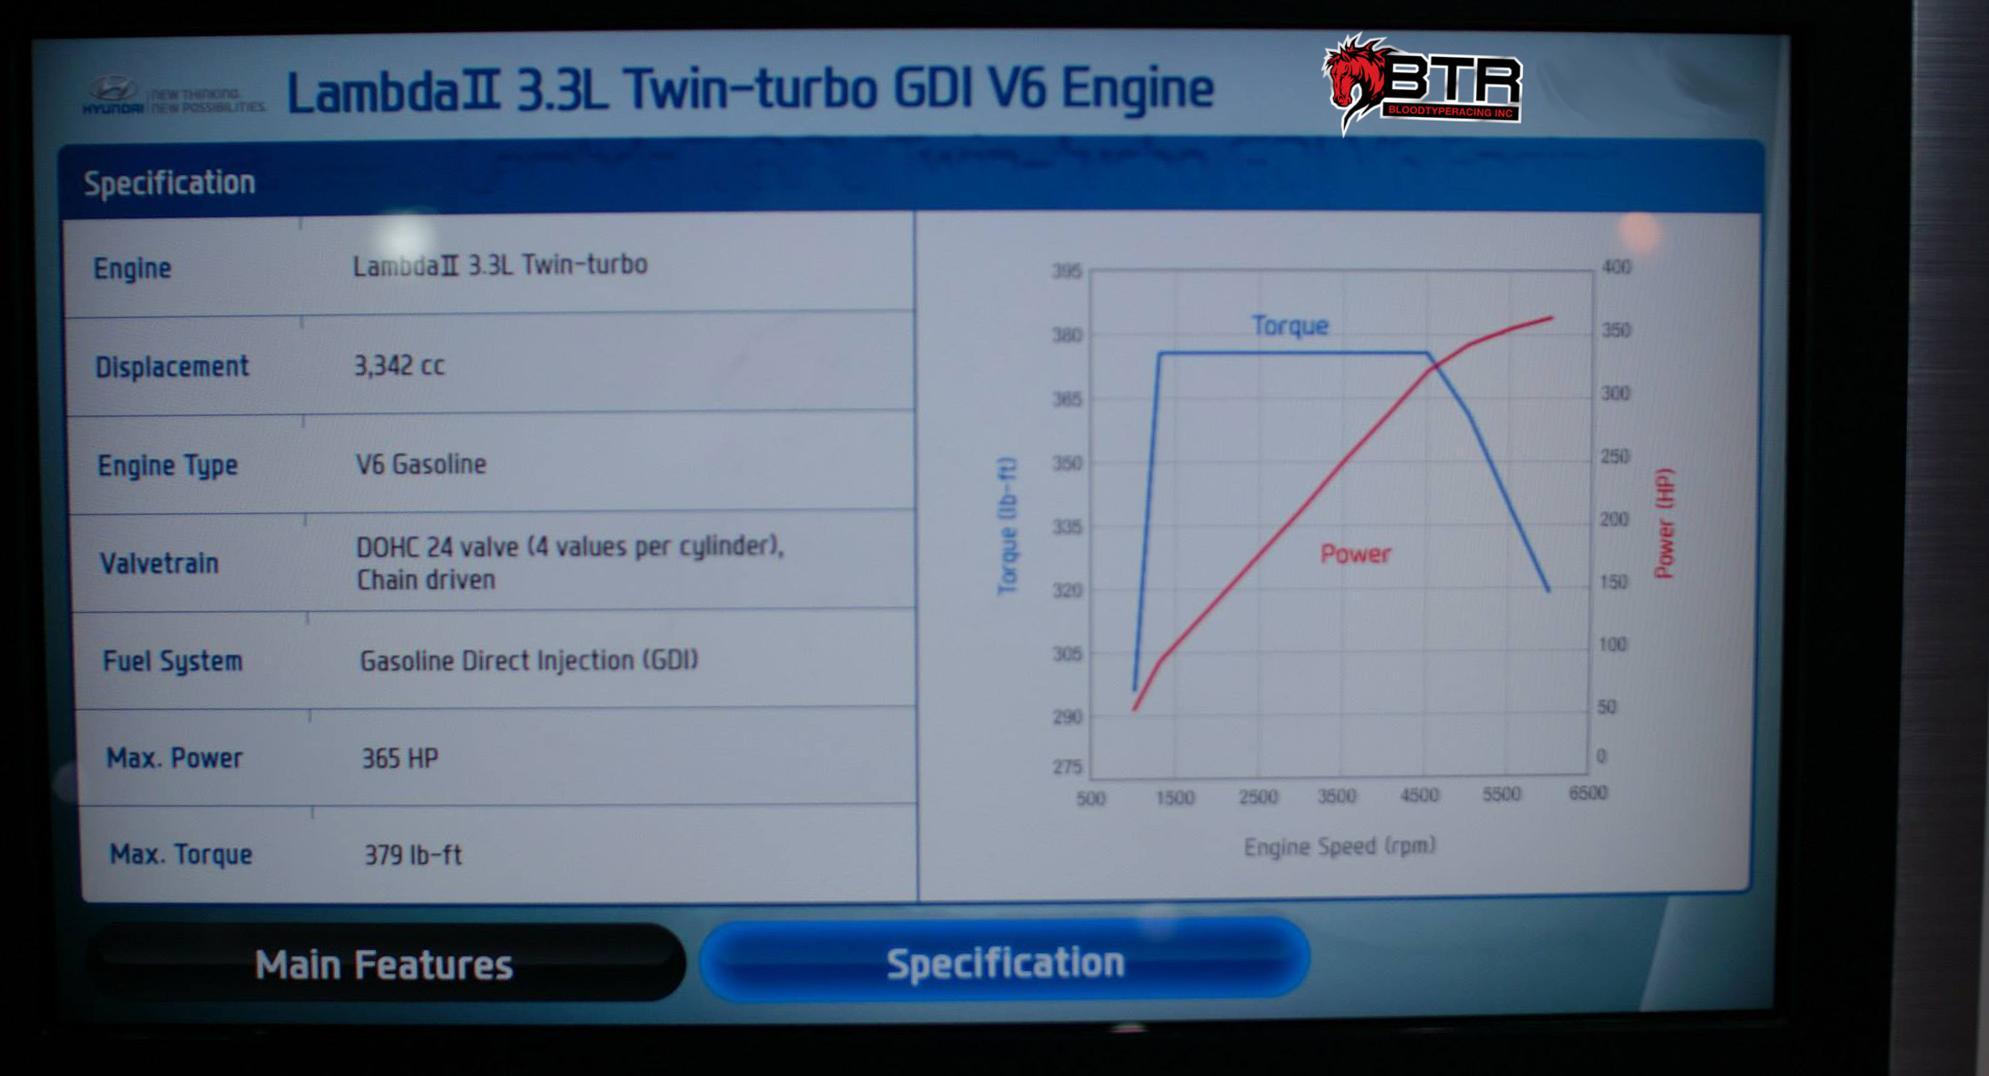 hight resolution of hyundai lambda 3 3l turbo v6 1